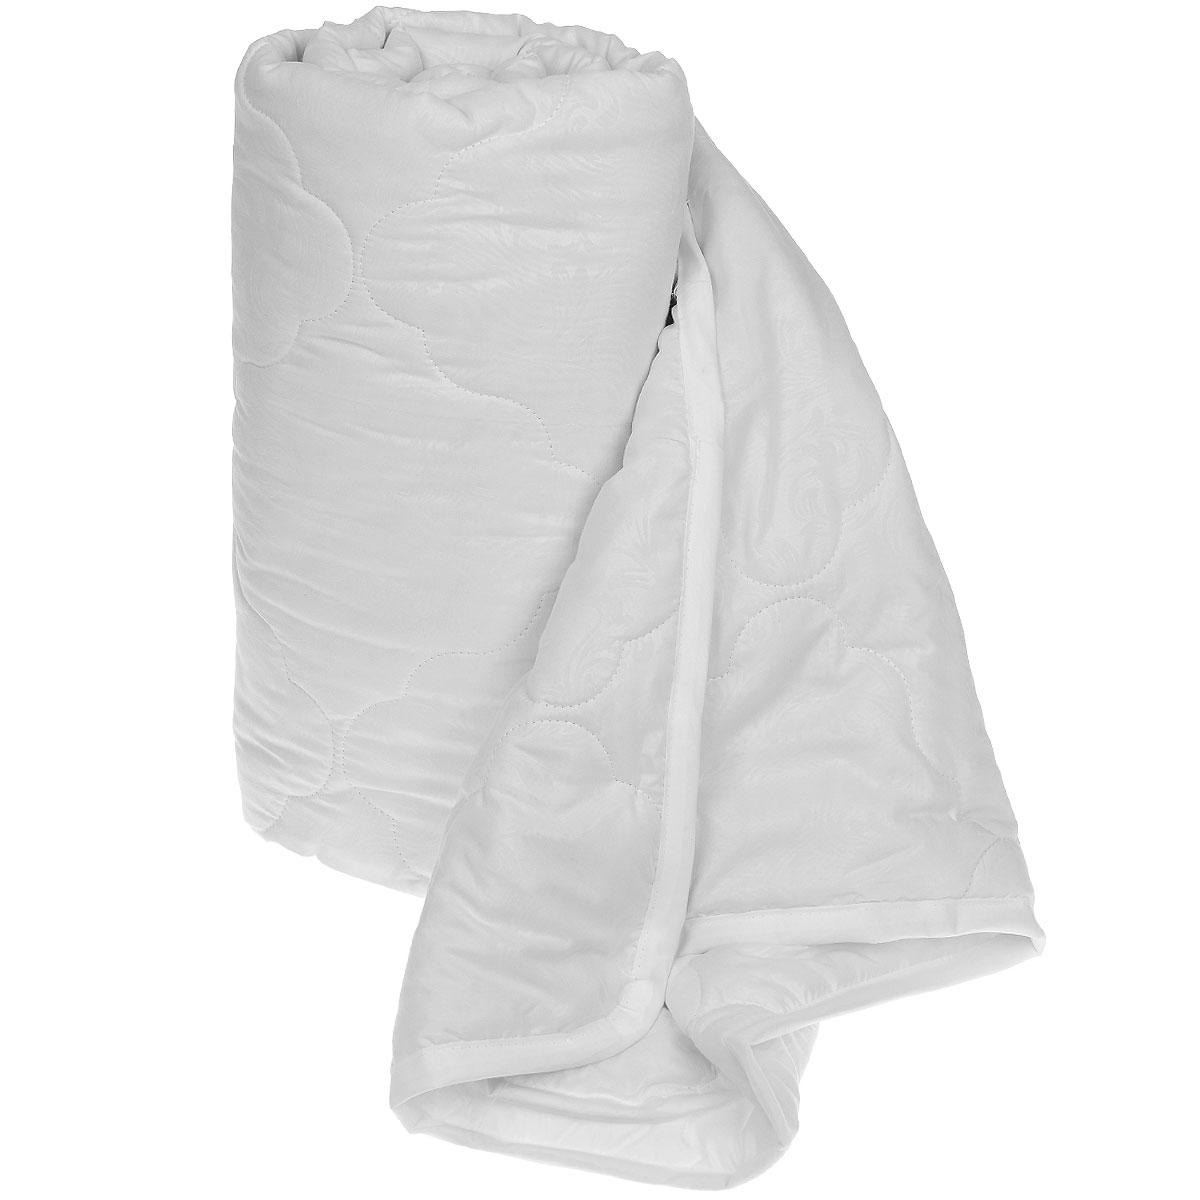 Одеяло Sova & Javoronok Бамбук, наполнитель: бамбуковое волокно, цвет: белый, 200 см х 220 см531-105Одеяло Sova & Javoronok Бамбук подарит комфорт и уют во время сна. Чехол, выполненный из микрофибры (100% полиэстера), оформлен стежкой и надежно удерживает наполнитель внутри. Волокно на основе бамбука - инновационный наполнитель, обладающий за счет своей пористой структуры хорошей воздухонепроницаемостью и высокой гигроскопичностью, обеспечивает оптимальный уровень влажности во время сна и создает чувство прохлады в жаркие дни.Антибактериальный эффект наполнителя достигается за счет содержания в нем специального компонента, а также за счет поглощения влаги, что создает сухой микроклимат, препятствующий росту бактерий. Основные свойства волокна: - хорошая терморегуляция, - свободная циркуляция воздуха, - антибактериальные свойства, - повышенная гигроскопичность, - мягкость и легкость, - удобство в эксплуатации и легкость стирки. Рекомендации по уходу: - Стирка запрещена. - Не отбеливать, не использовать хлоросодержащие моющие средства и стиральные порошки с отбеливателями.- Не выжимать в стиральной машине.- Чистка только с углеводородом, хлорным этиленом и монофтортрихлорметаном.Размер одеяла: 200 см х 220 см. Материал чехла: микрофибра (100% полиэстер). Материал наполнителя: бамбуковое волокно.